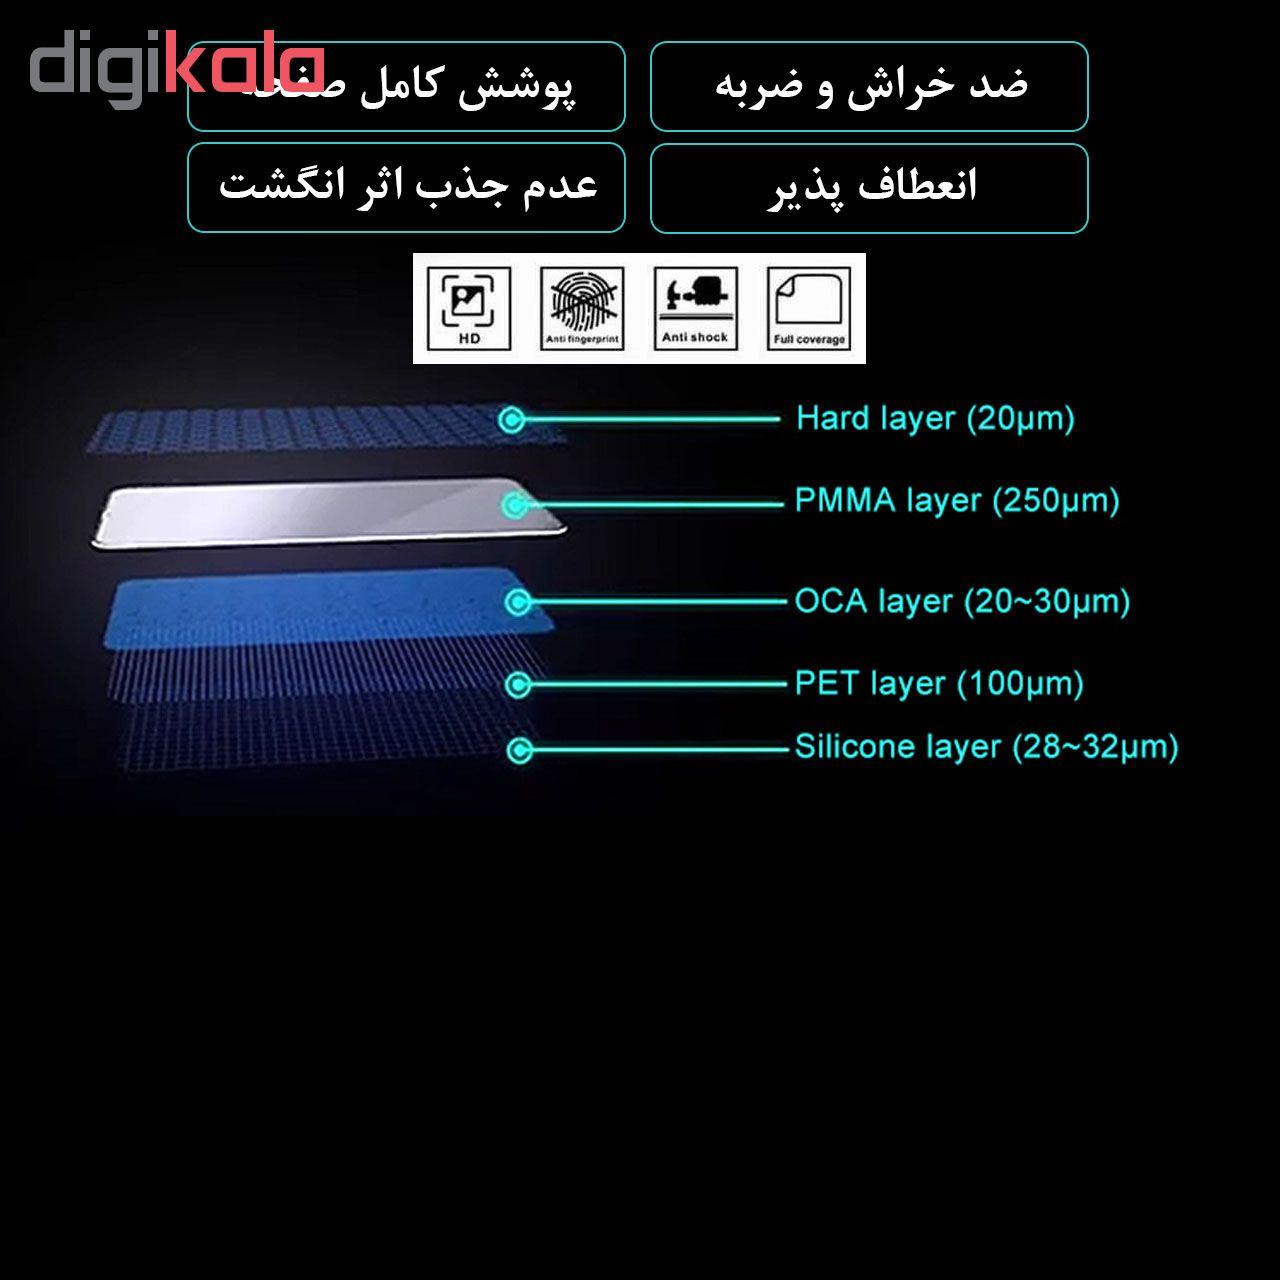 محافظ صفحه نمایش 9D مدل CRA-IX مناسب برای گوشی موبایل اپل iphone X / XS / 11 pro